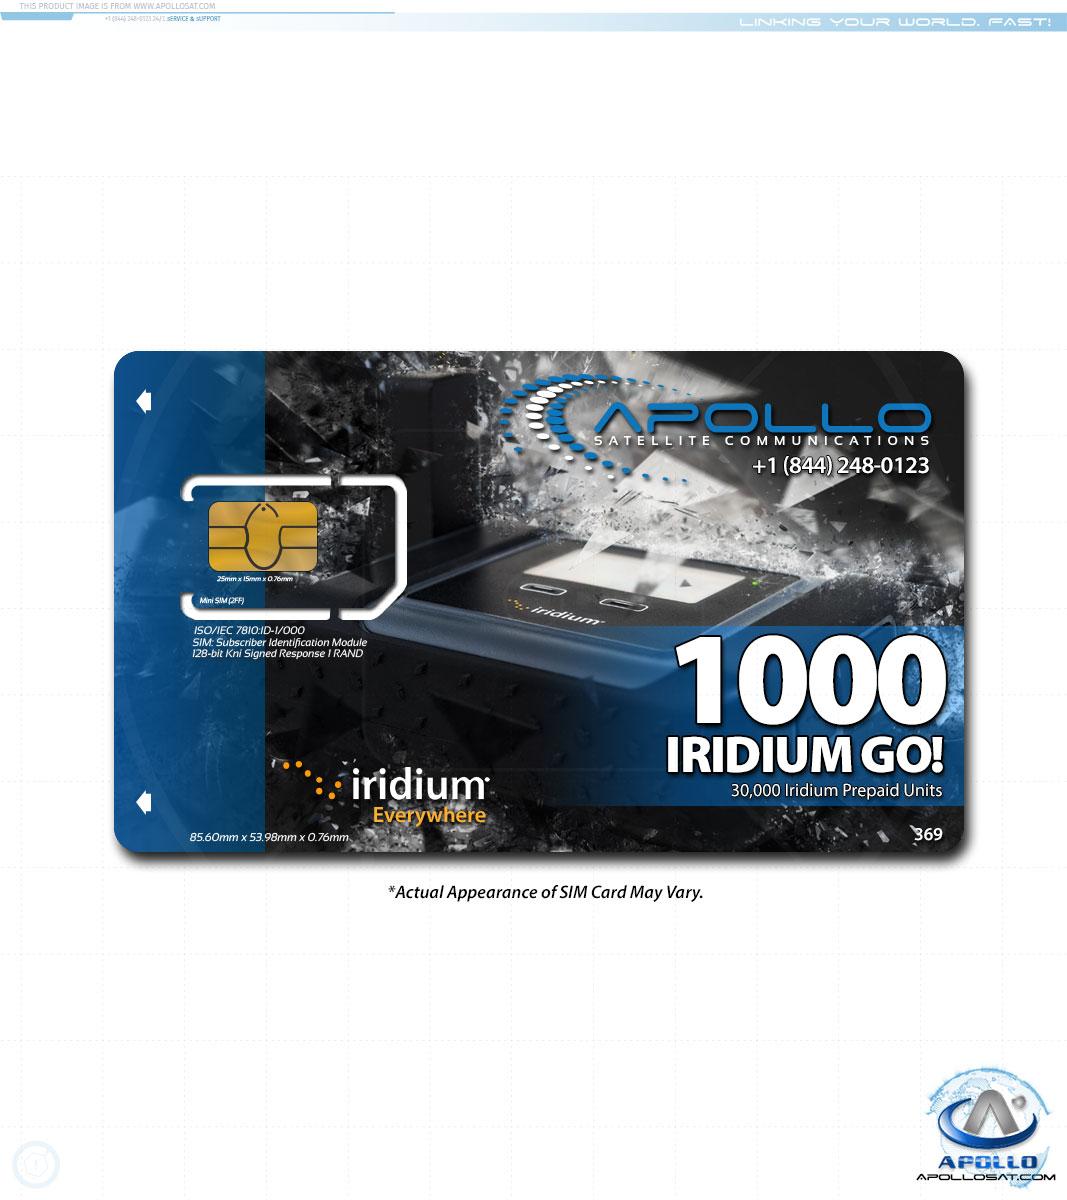 Iridium GO 1000 Prepaid Service